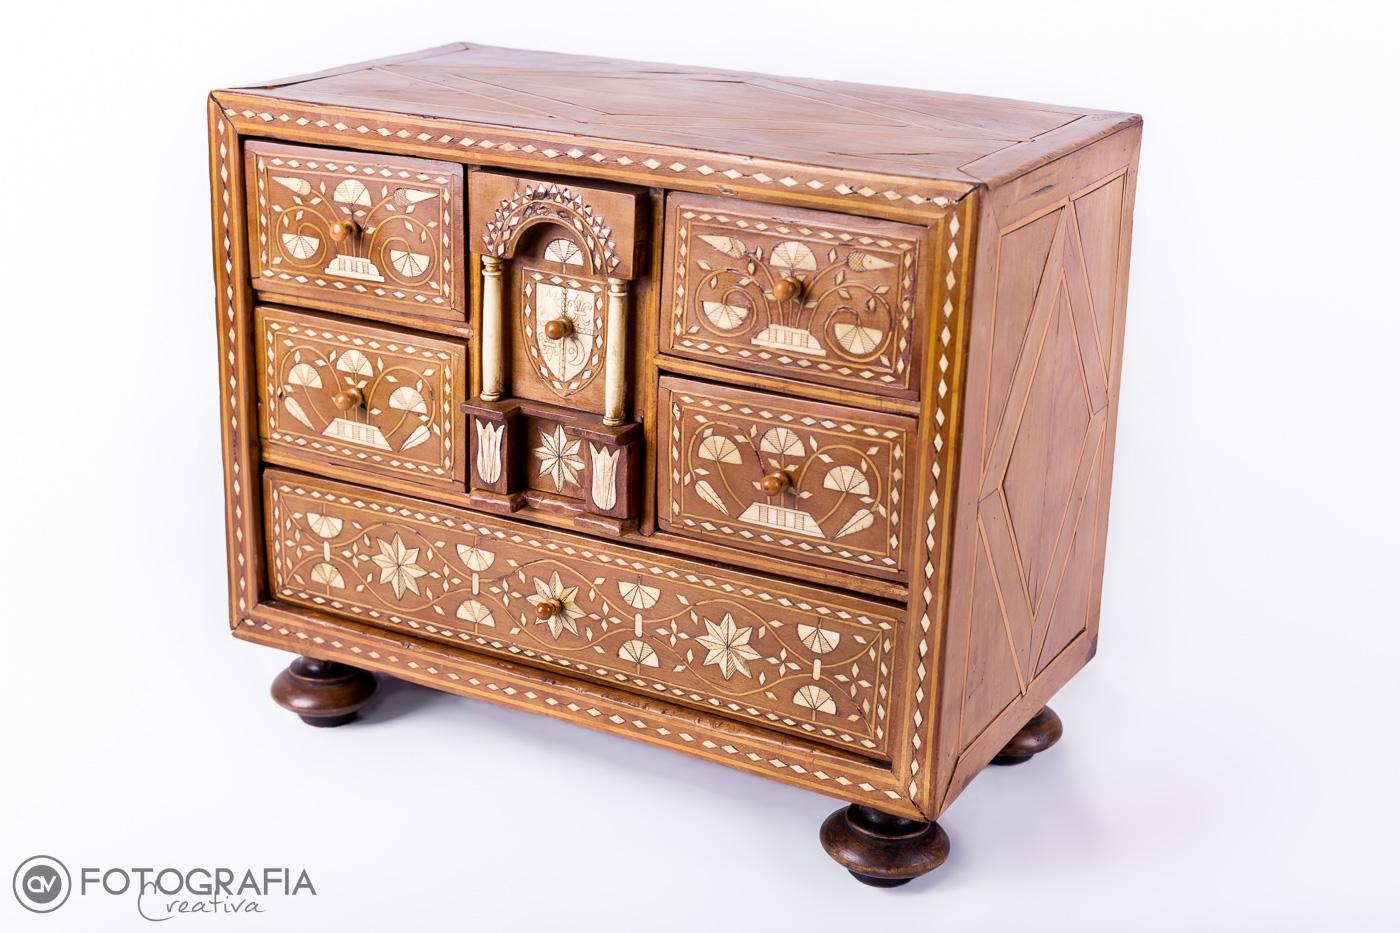 Muebles antiguos en valencia amazing milanuncios valencia muebles a milanuncios muebles - Segundamano muebles antiguos ...